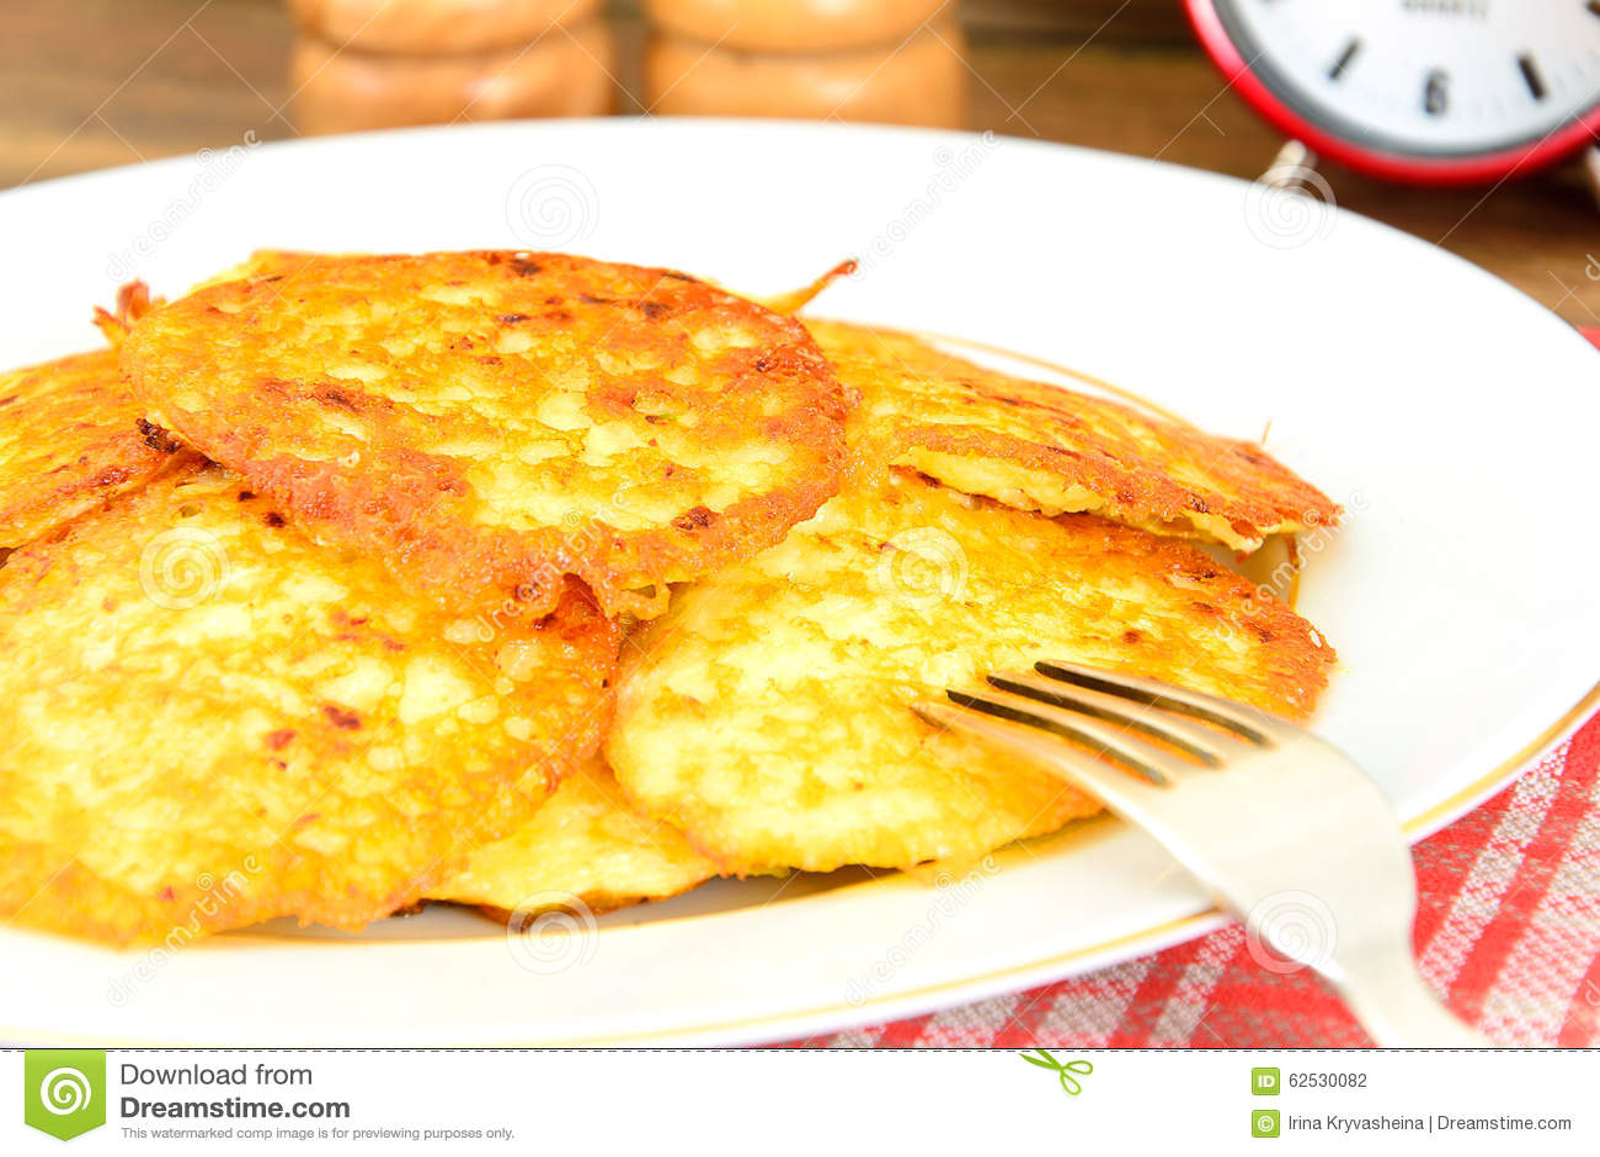 油煎的薄煎饼土豆 白俄罗斯语和德语